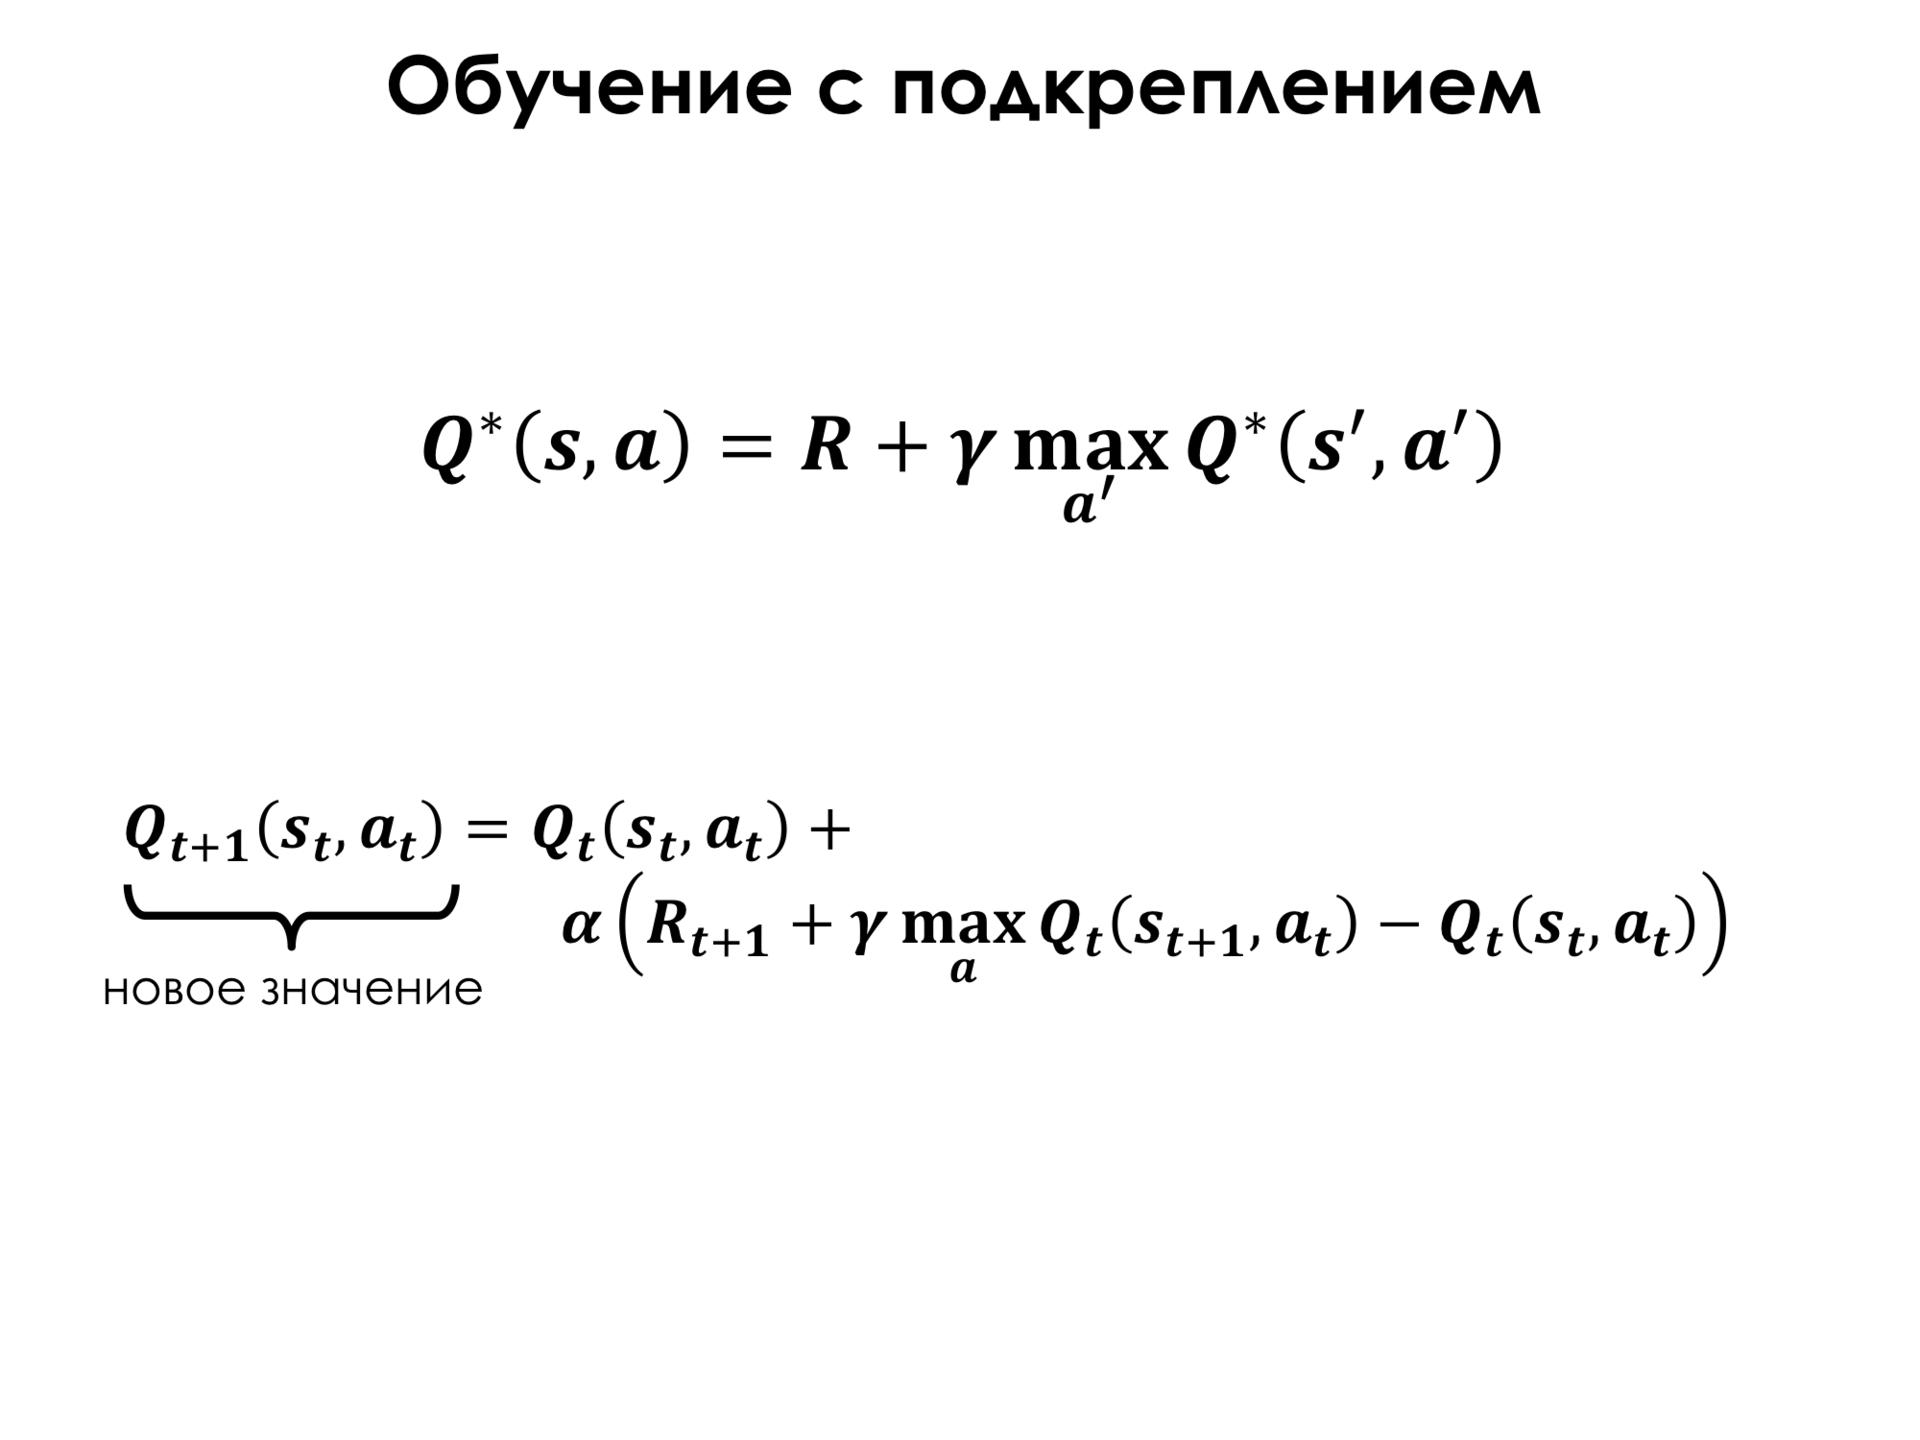 Самое главное о нейронных сетях. Лекция в Яндексе - 48